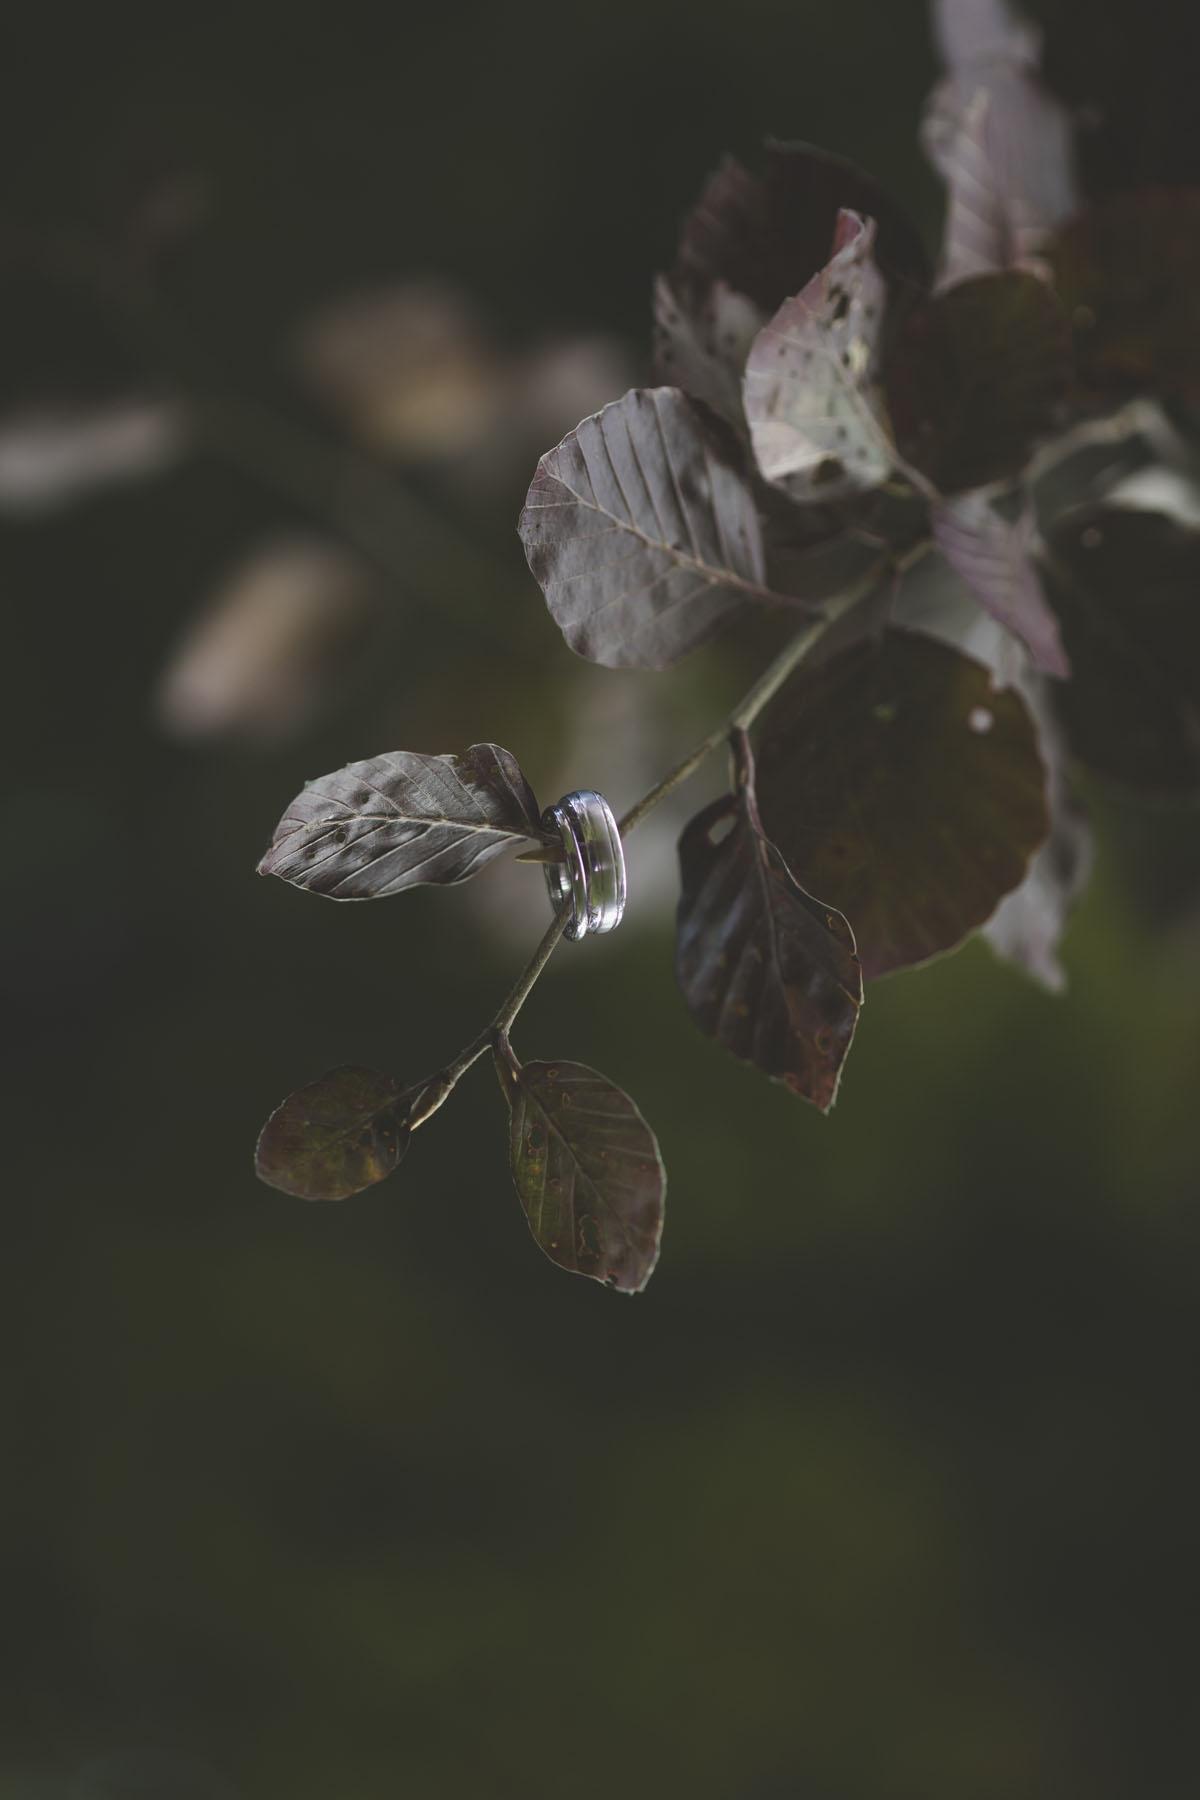 pulmafotod-015-pulmafotograaf-valdur-rosenvald.jpg